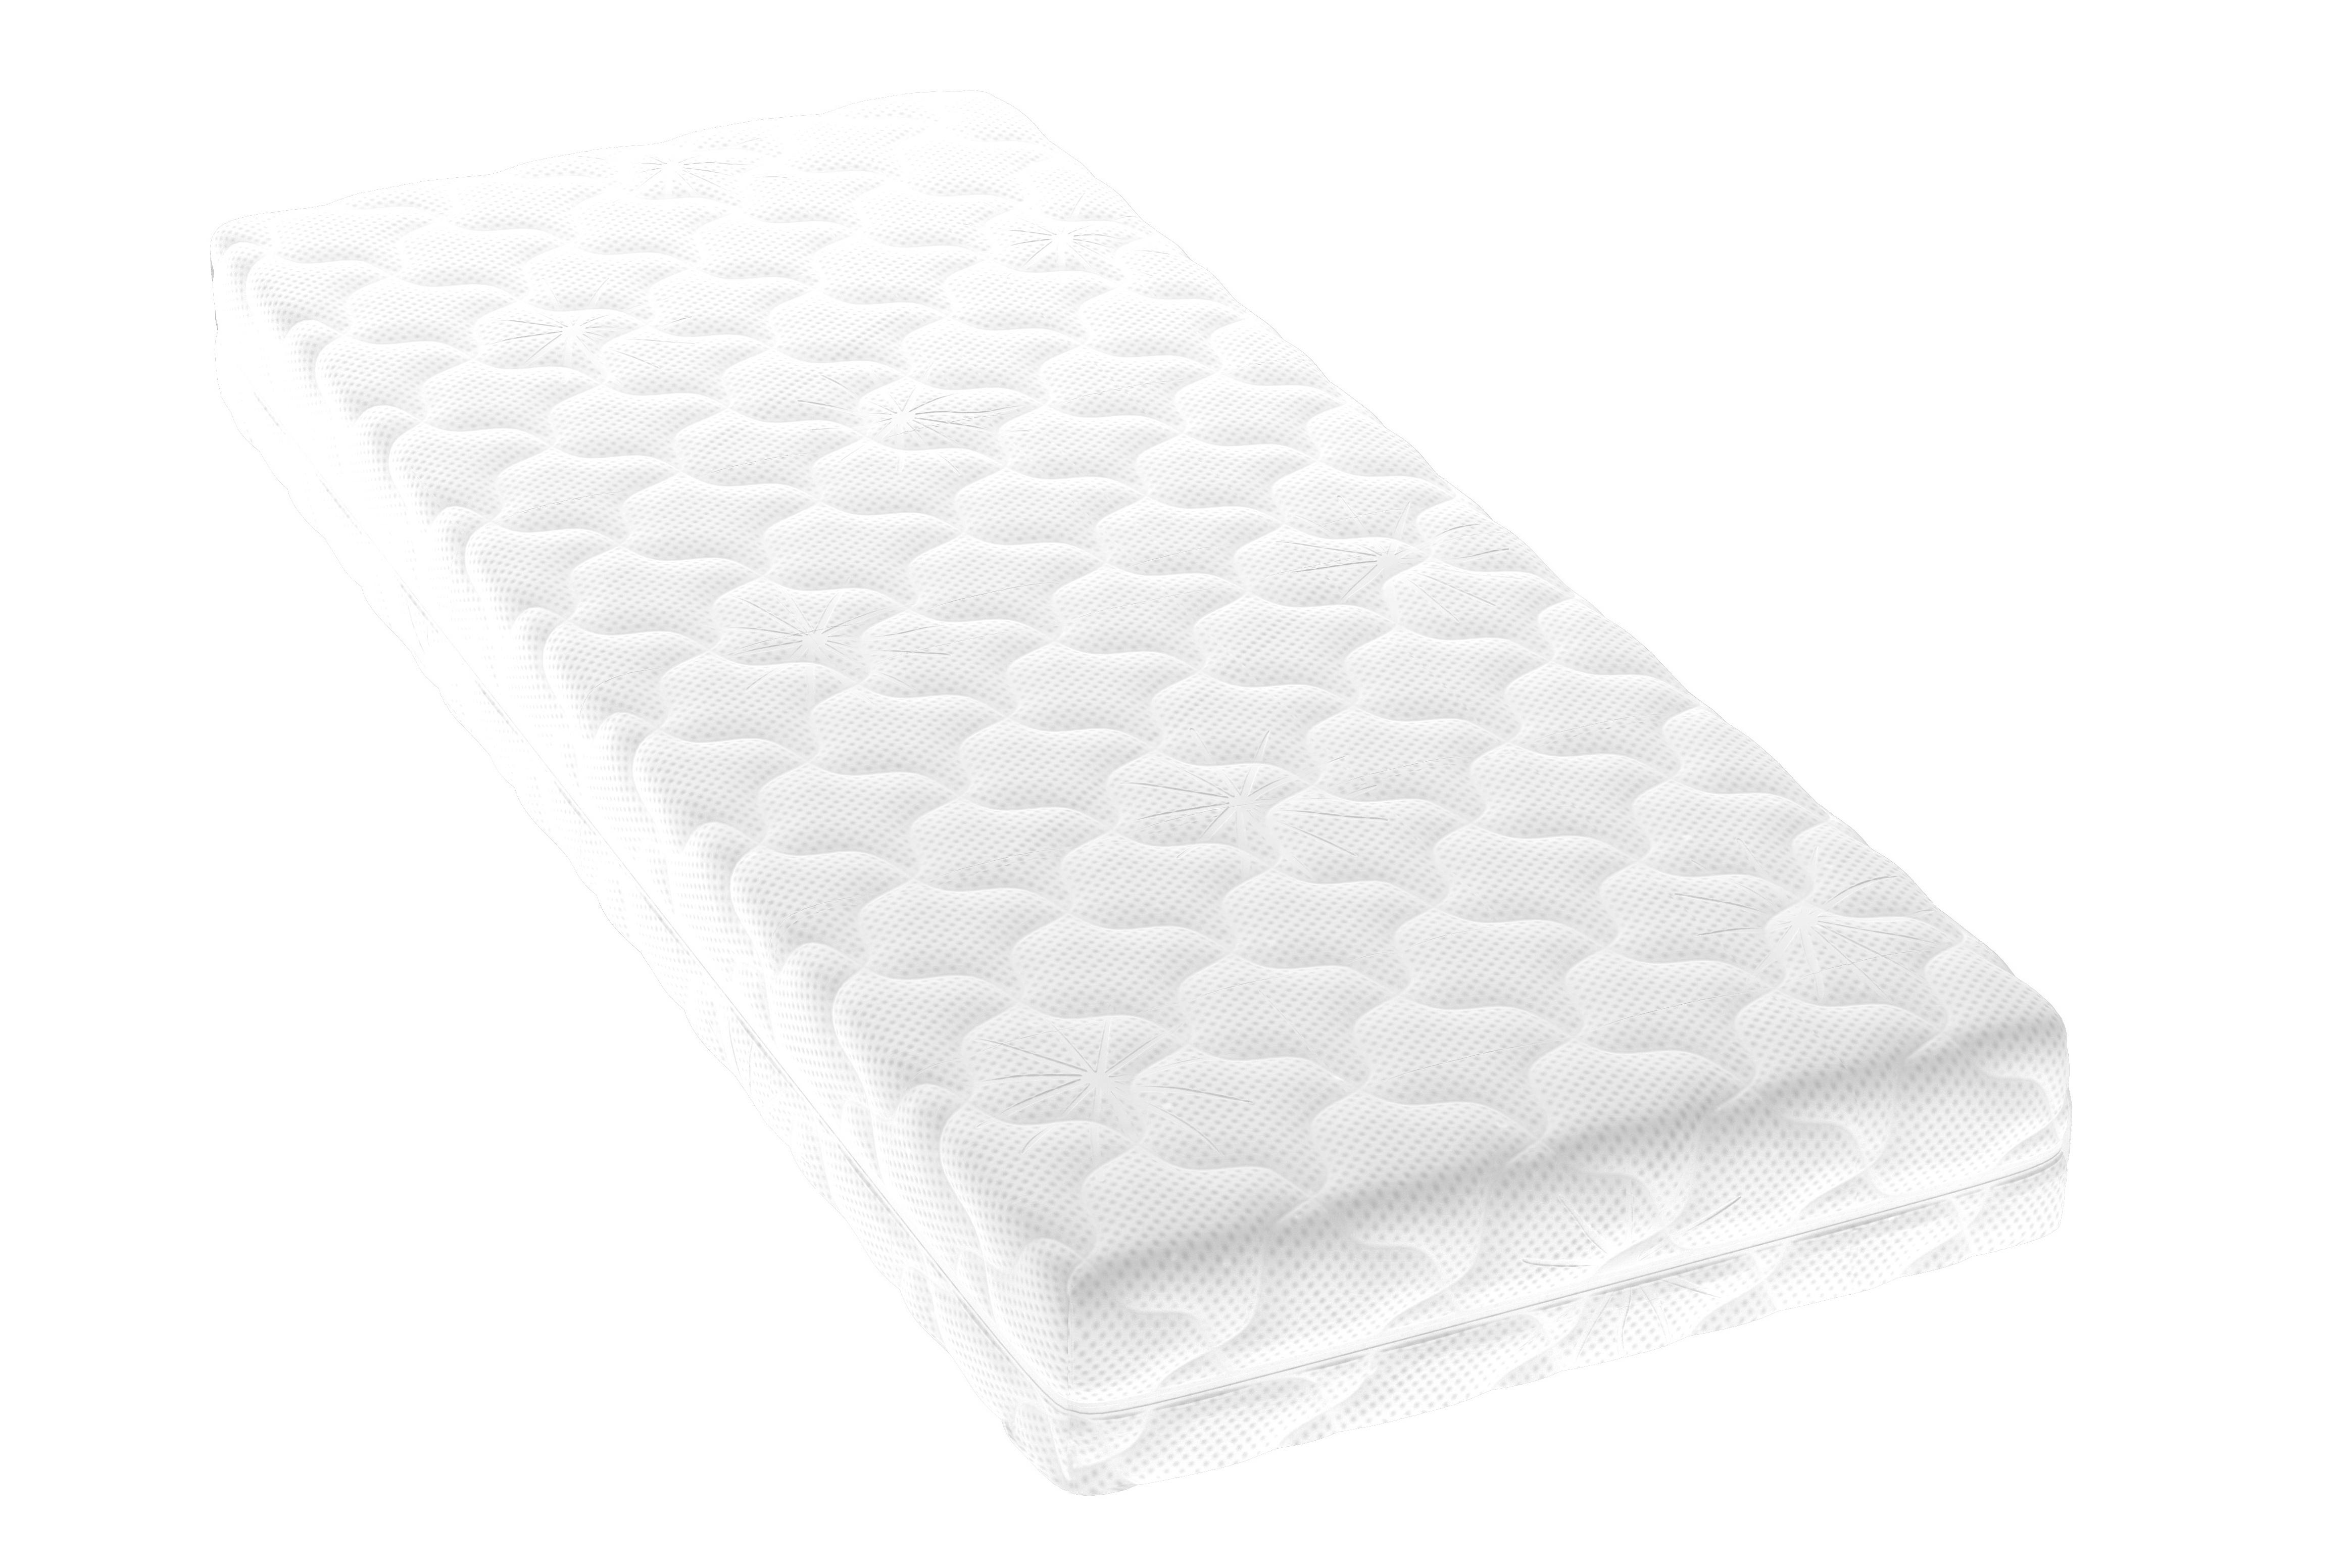 Матрас Tempo 190x90Беспружинные односпальные матрасы<br>Матрас из современного эластичного материала Smartflex Soft. Материал мягок и приятен на ощупь, гипоаллергенен, благодаря своей пористой структуре хорошо вентилируется.&amp;amp;nbsp;&amp;lt;div&amp;gt;&amp;lt;br&amp;gt;&amp;lt;/div&amp;gt;&amp;lt;div&amp;gt;Компактная упаковка в виде рулона и небольшой вес облегчают транспортировку матраса, делая его идеальным для быстрого обустройства спального места. Чехол из практичной трикотажной ткани Jersey, делающей его простым в уходе. Ткань чехла мягкая и эластичная на ощупь, имеет приятную фактуру, не сминается, устойчива к пятнам, не способствует размножению бактерий и пылевых клещей.&amp;amp;nbsp;&amp;lt;/div&amp;gt;&amp;lt;div&amp;gt;Матрас Tempo – для тех, кто привык жить в быстром темпе!&amp;lt;/div&amp;gt;<br><br>Material: Текстиль<br>Ширина см: 90<br>Высота см: 17<br>Глубина см: 190